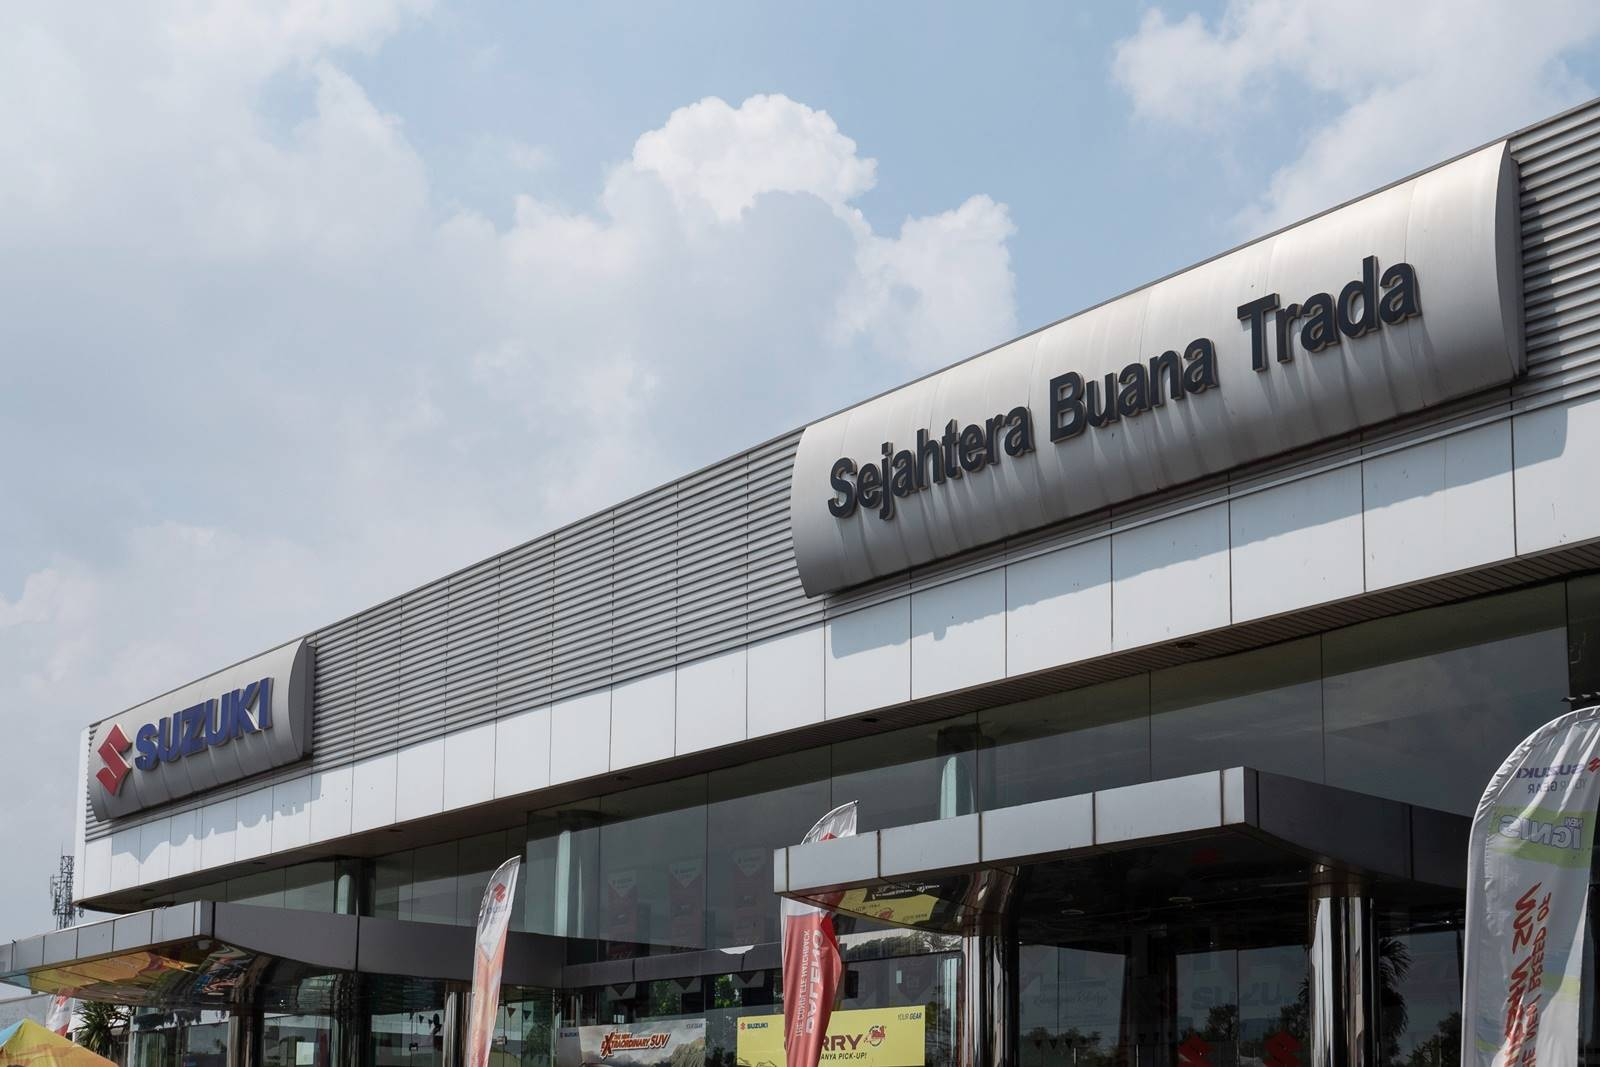 Suzuki Catatkan Peningkatan Penjualan Positif di Agustus Lalu